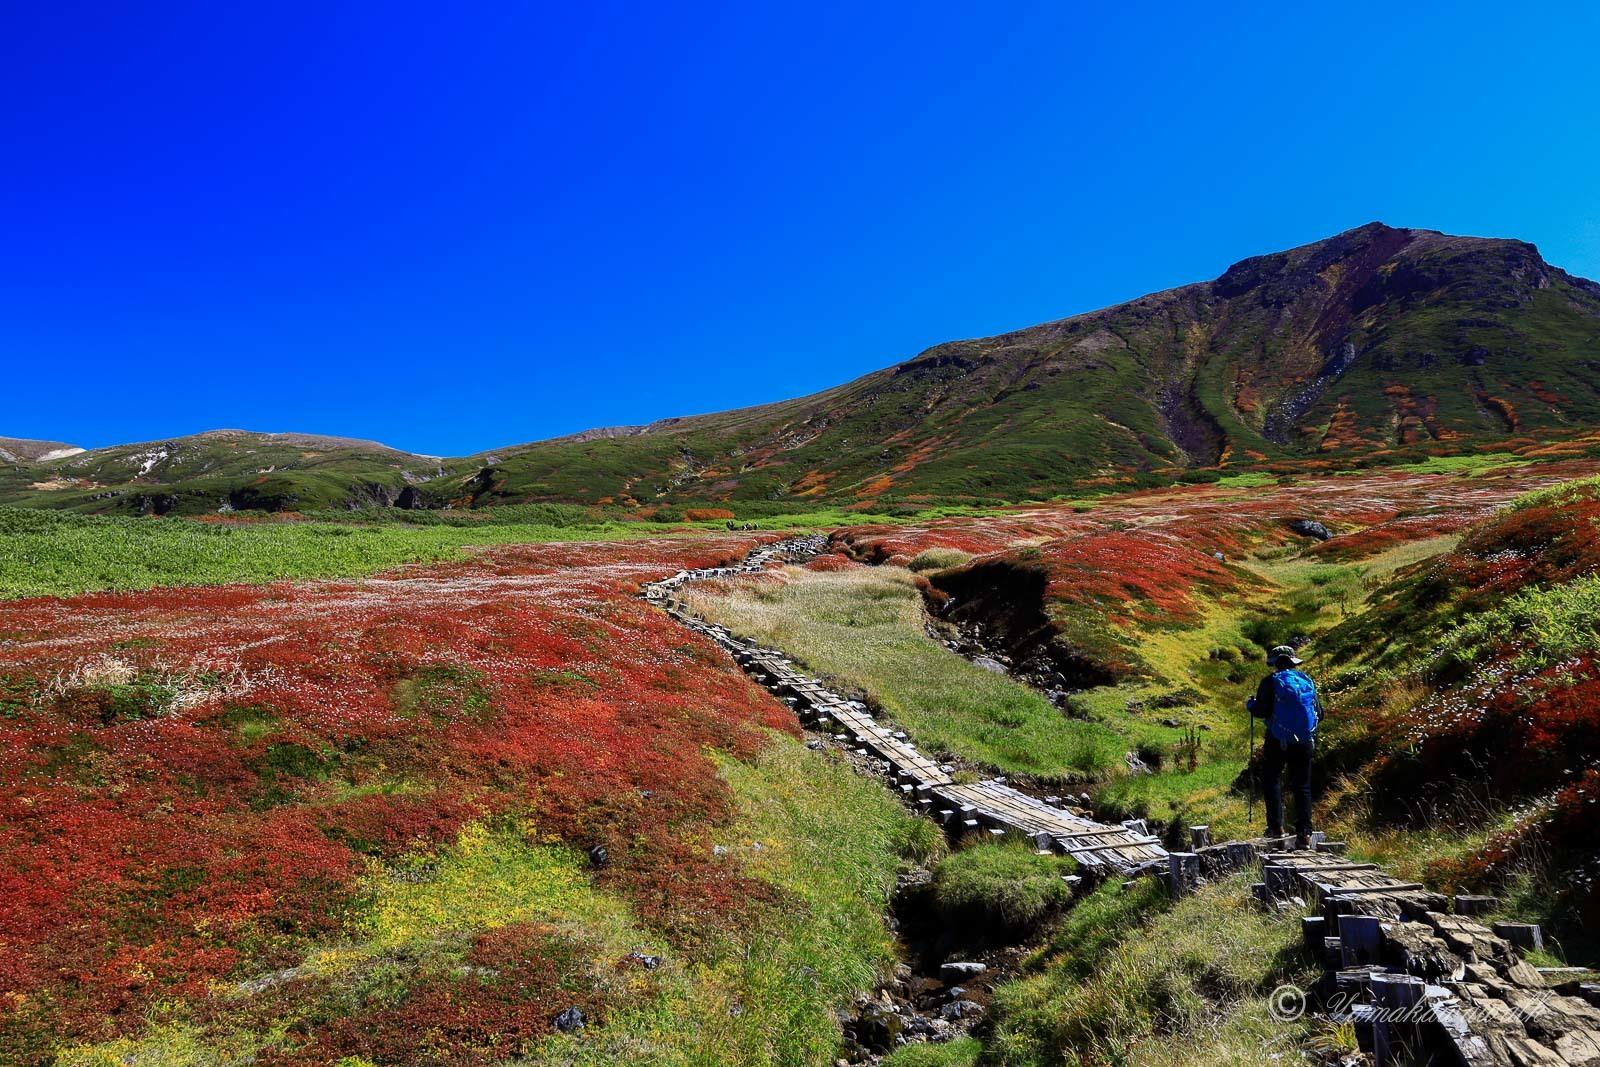 裾合平から中岳温泉まで歩いてきた_b0243727_20091593.jpg